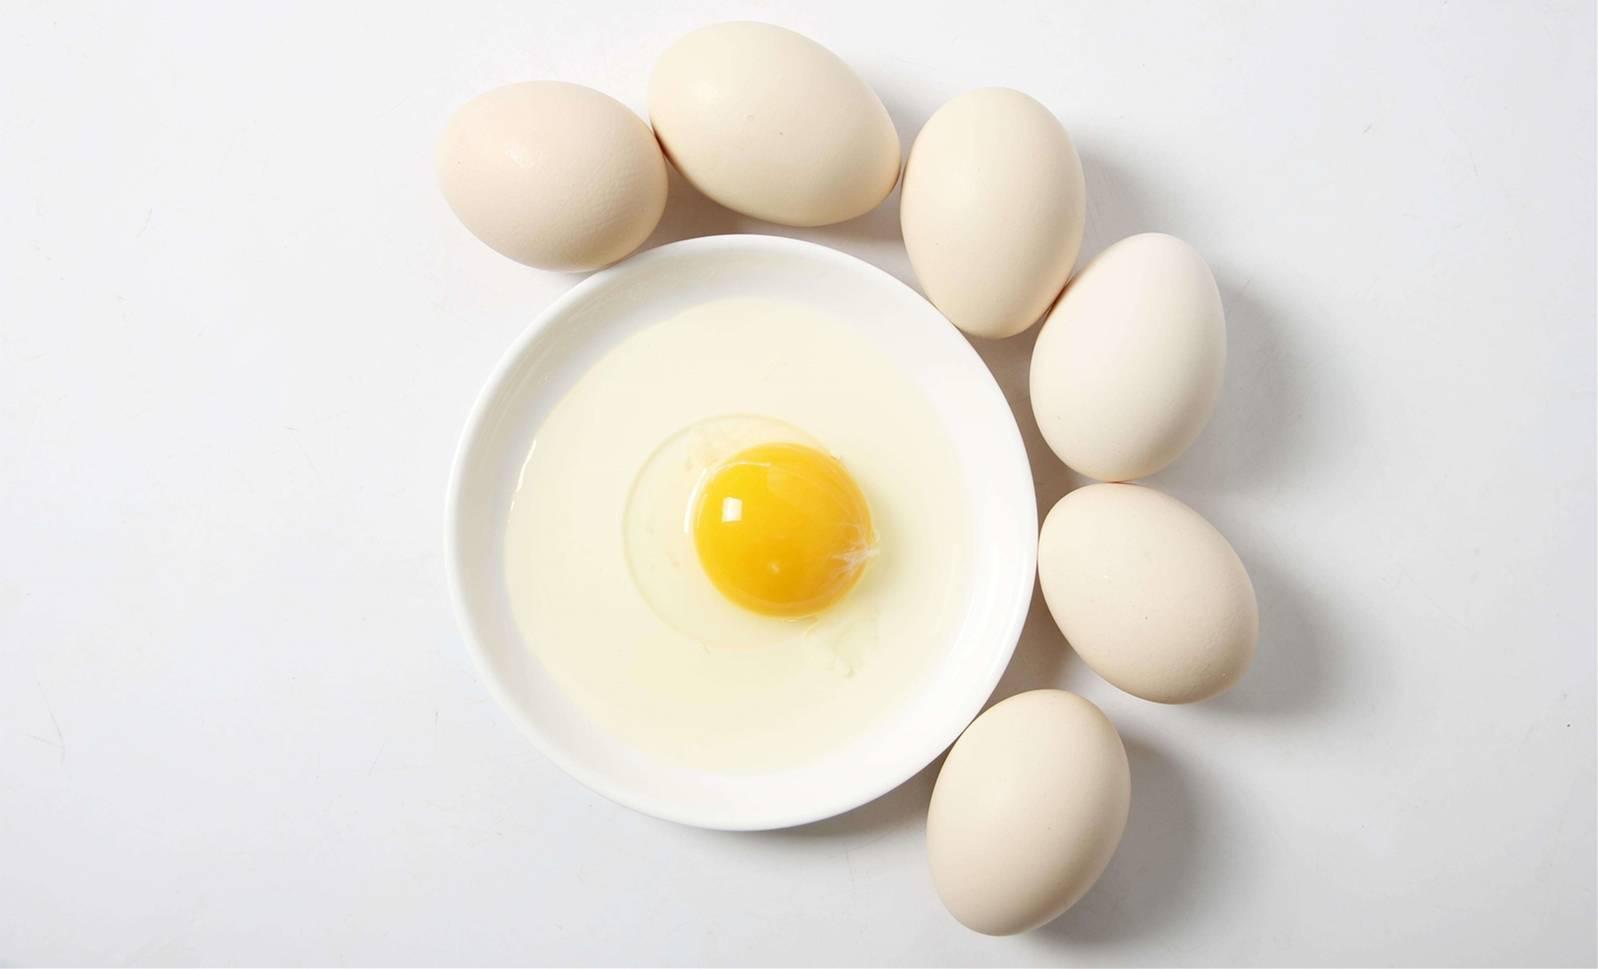 感冒了,到底能不能吃鸡蛋呢?千万别被人给骗了